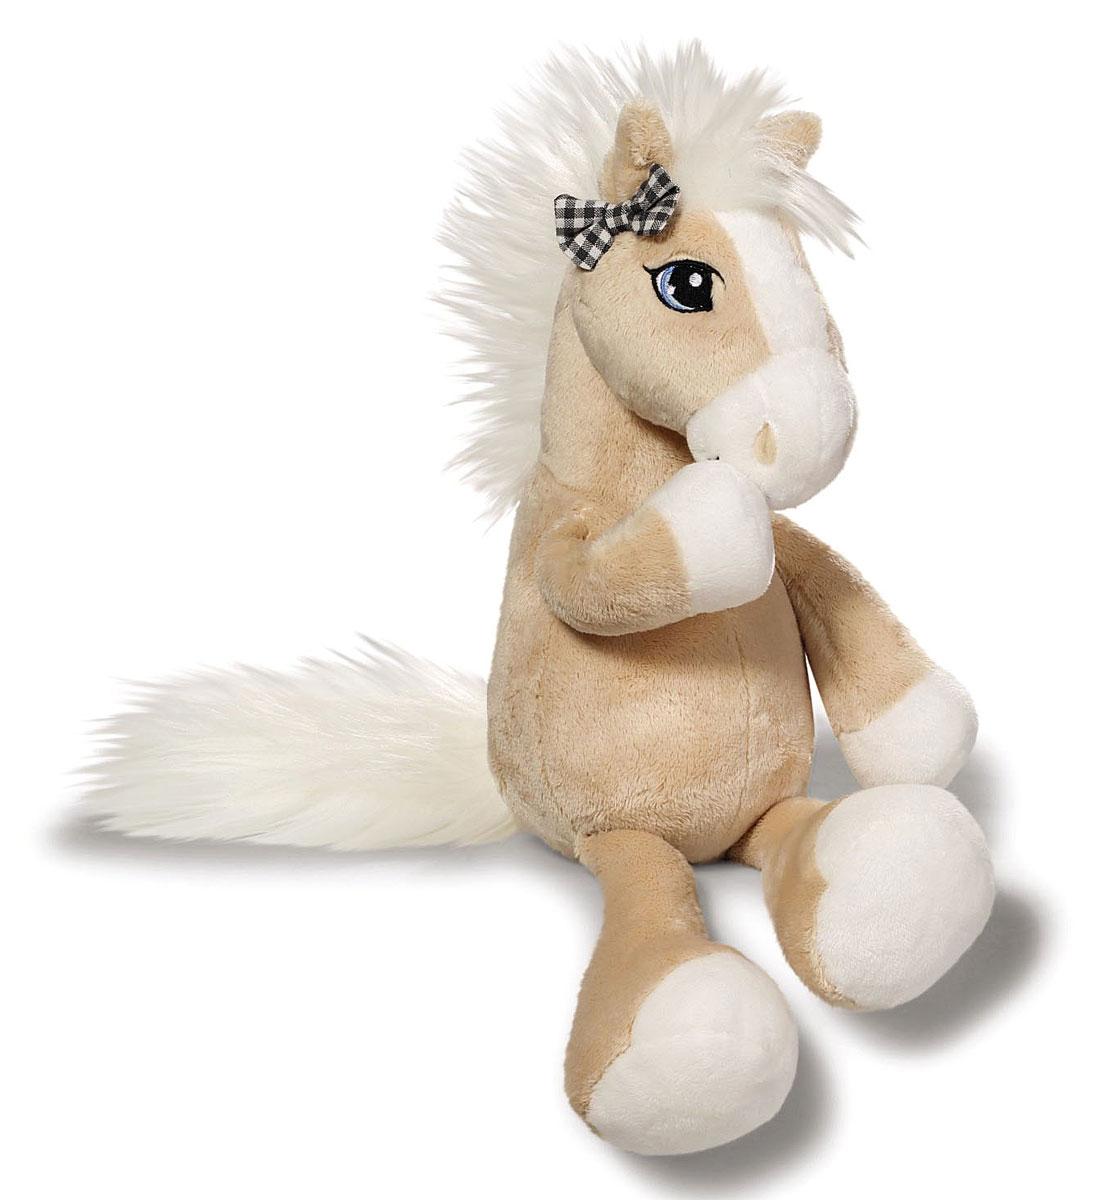 Nici Мягкая игрушка Лошадка Даймонд с бантиком цвет бежевый белый 35 см37839Очаровательная мягкая игрушка Nici Лошадка Даймонд выполнена в виде симпатичной плюшевой лошадки. Игрушка изготовлена из высококачественного текстильного материала бежевого цвета. Игрушка невероятно мягкая и приятная на ощупь, вам не захочется выпускать ее из рук. Глазки лошадки вышиты, а хвостик и грива выполнены из искусственного меха. Ушко лошадки украшает кокетливый бантик. Удивительно мягкая игрушка принесет радость и подарит своему обладателю мгновения нежных объятий и приятных воспоминаний. Великолепное качество исполнения делают эту игрушку чудесным подарком к любому празднику. Трогательная и симпатичная, она непременно вызовет улыбку у детей и взрослых.